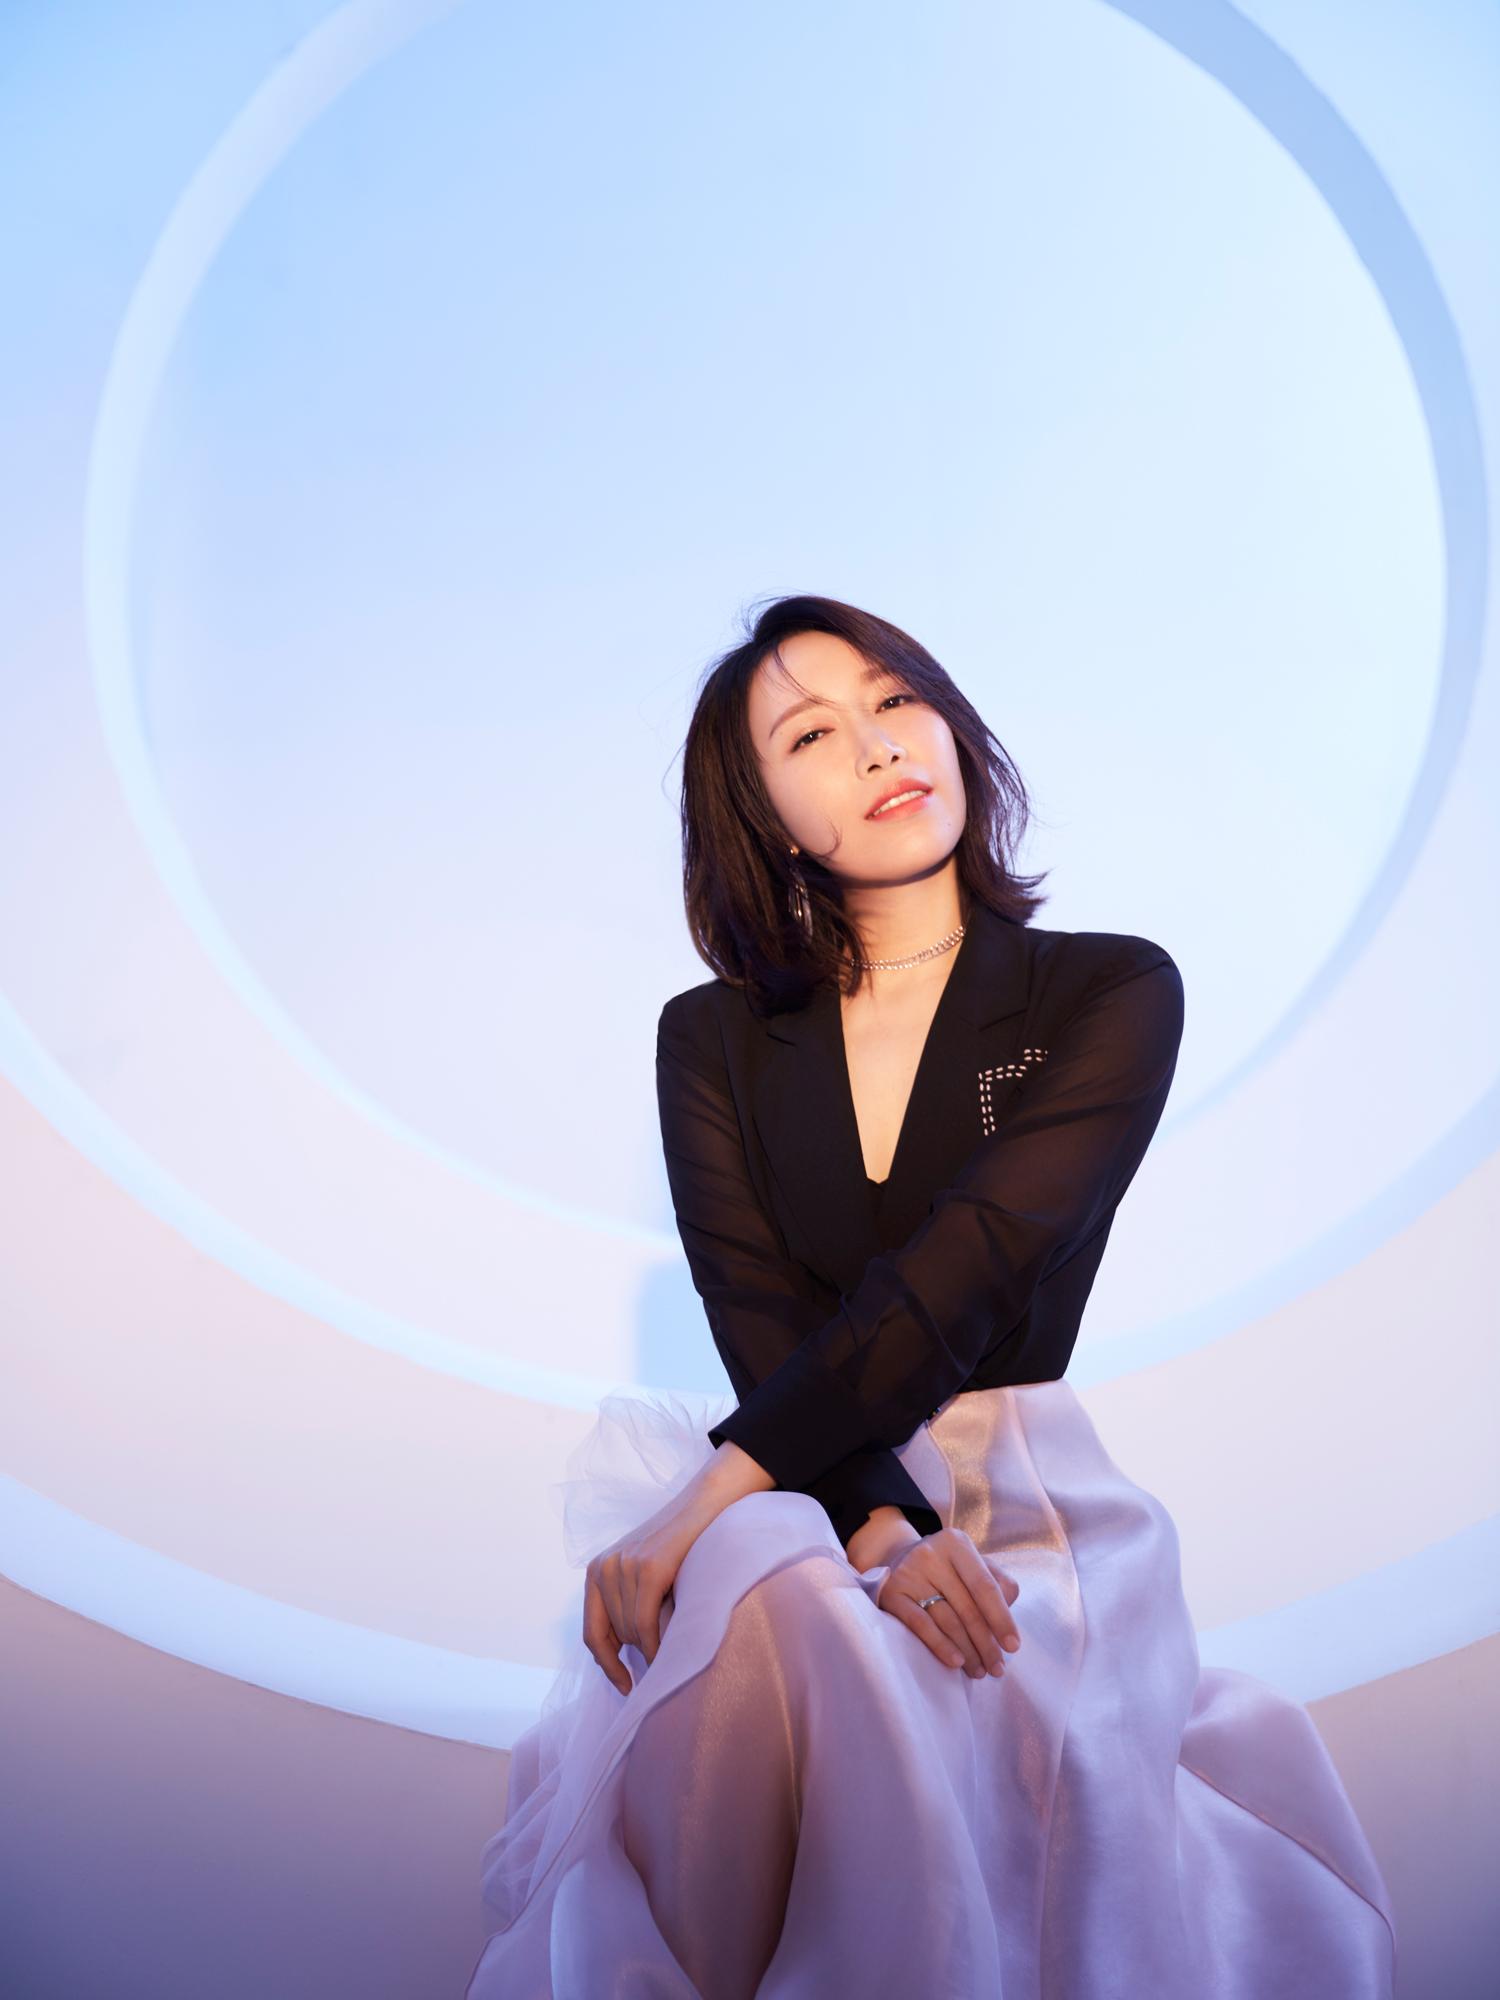 金池全新单曲《傻事》上线 直击心灵为爱疗伤